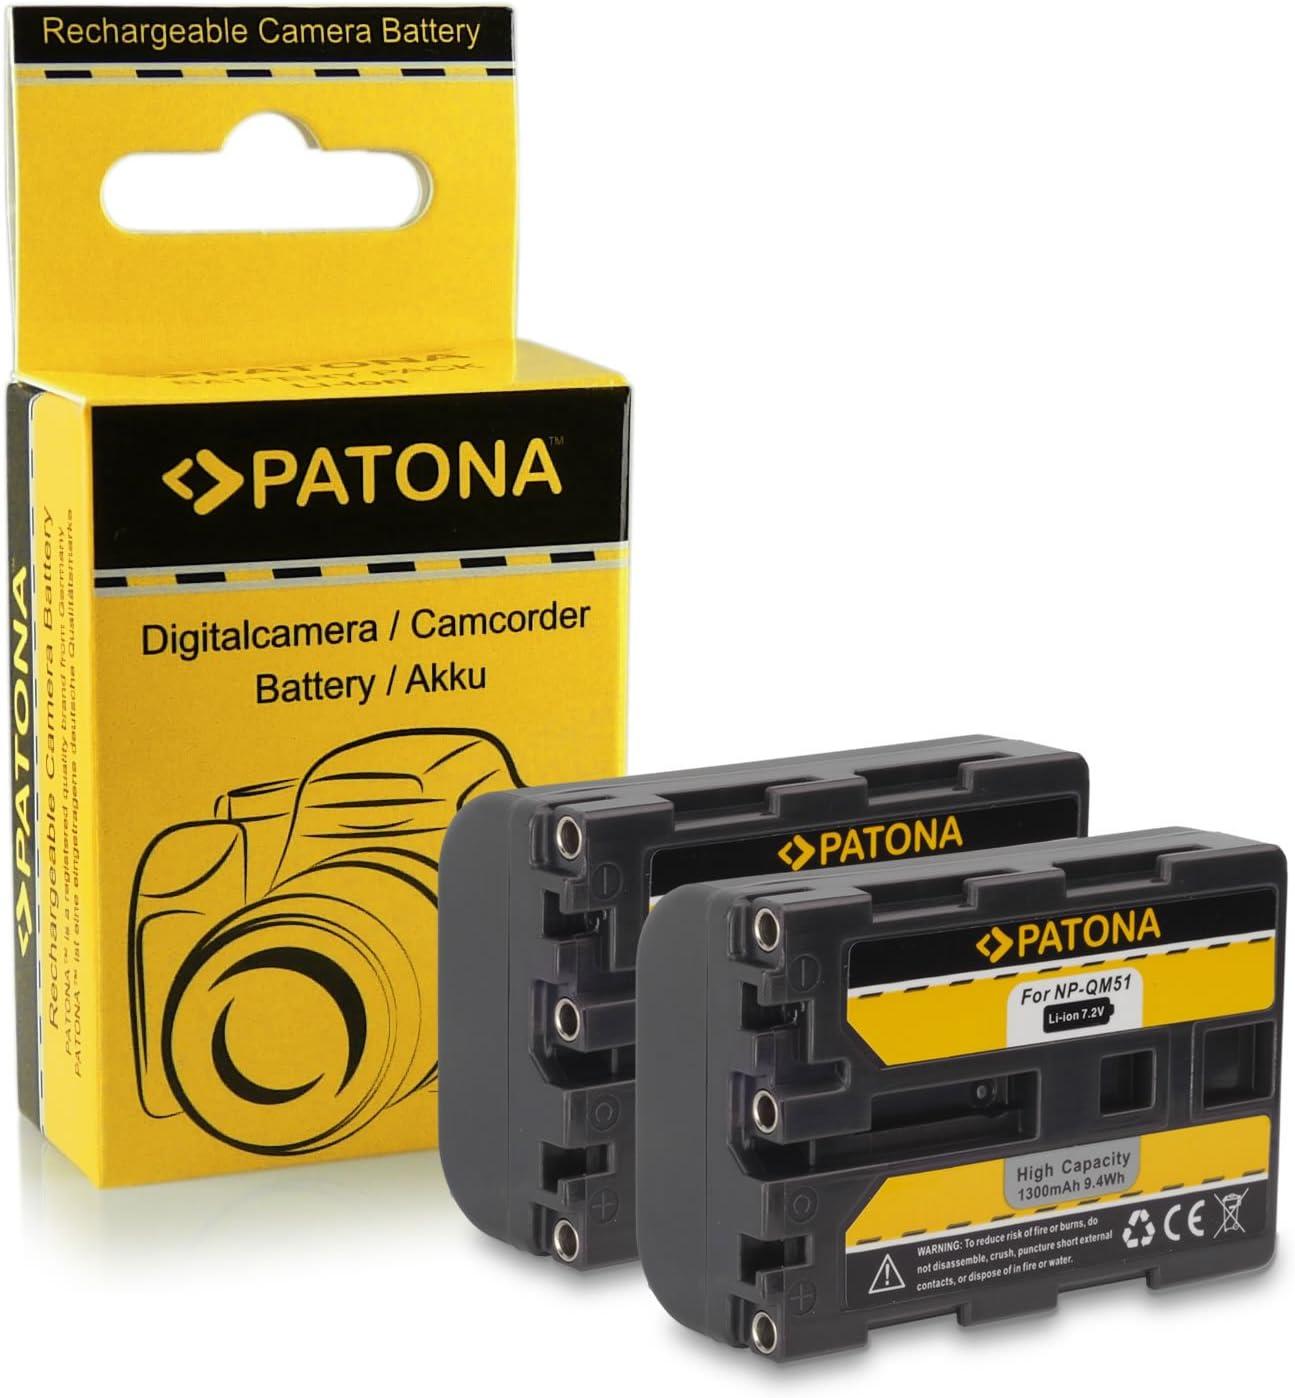 reemplaza: np-fm55h np-fm50 1300mah np-qm51 Bateria para Sony dcr-dvd91e